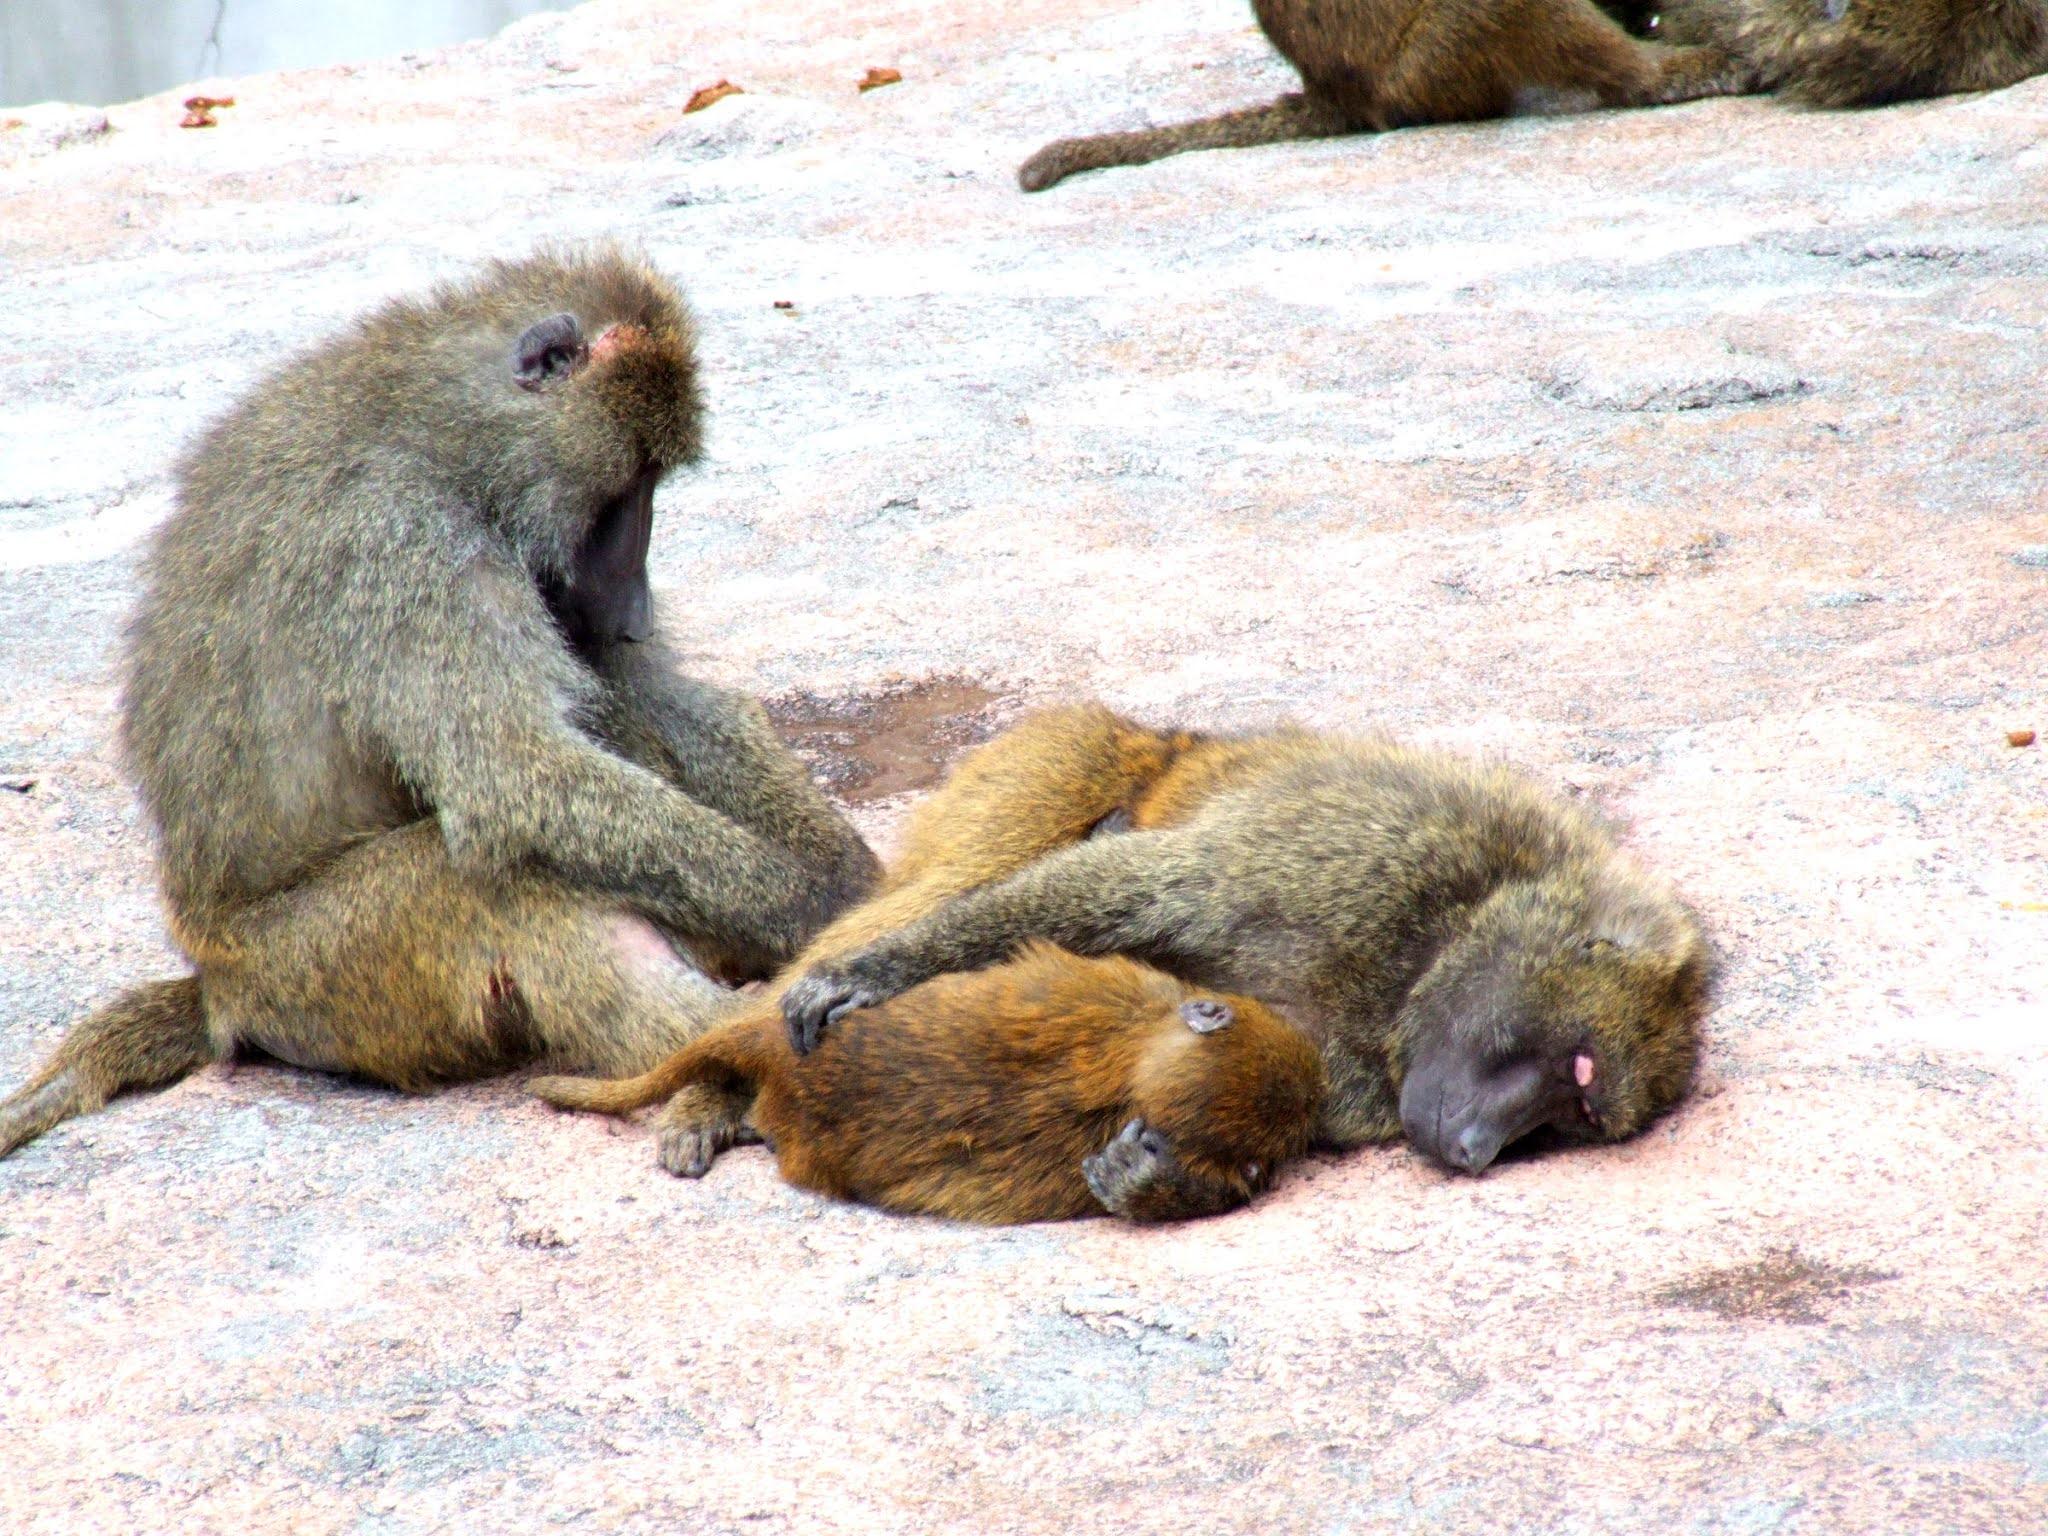 三匹のオナガザル科のアヌビスヒヒ(またの名をドグエラヒヒ)と言うお猿さん🐵の写真素材です。毛づくろいするサルと、赤ちゃんを抱っこするサル。夫婦と子供かなって思うんですけど、どうなんだろう。